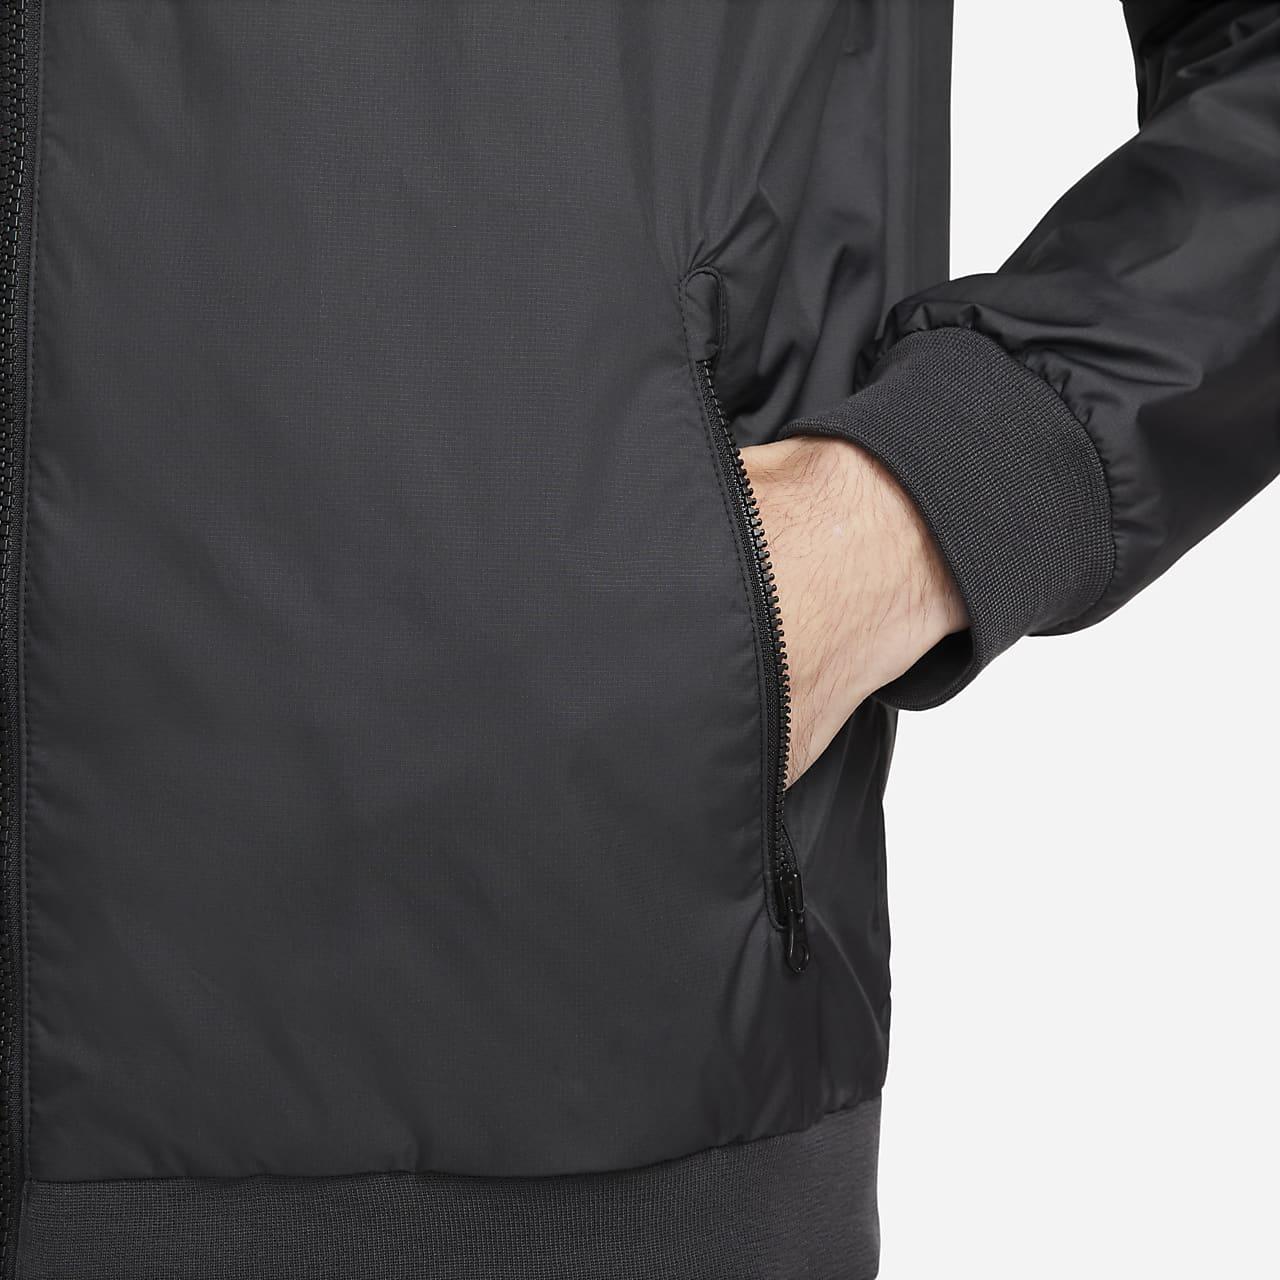 nike sportswear windrunner men 39 s jacket. Black Bedroom Furniture Sets. Home Design Ideas